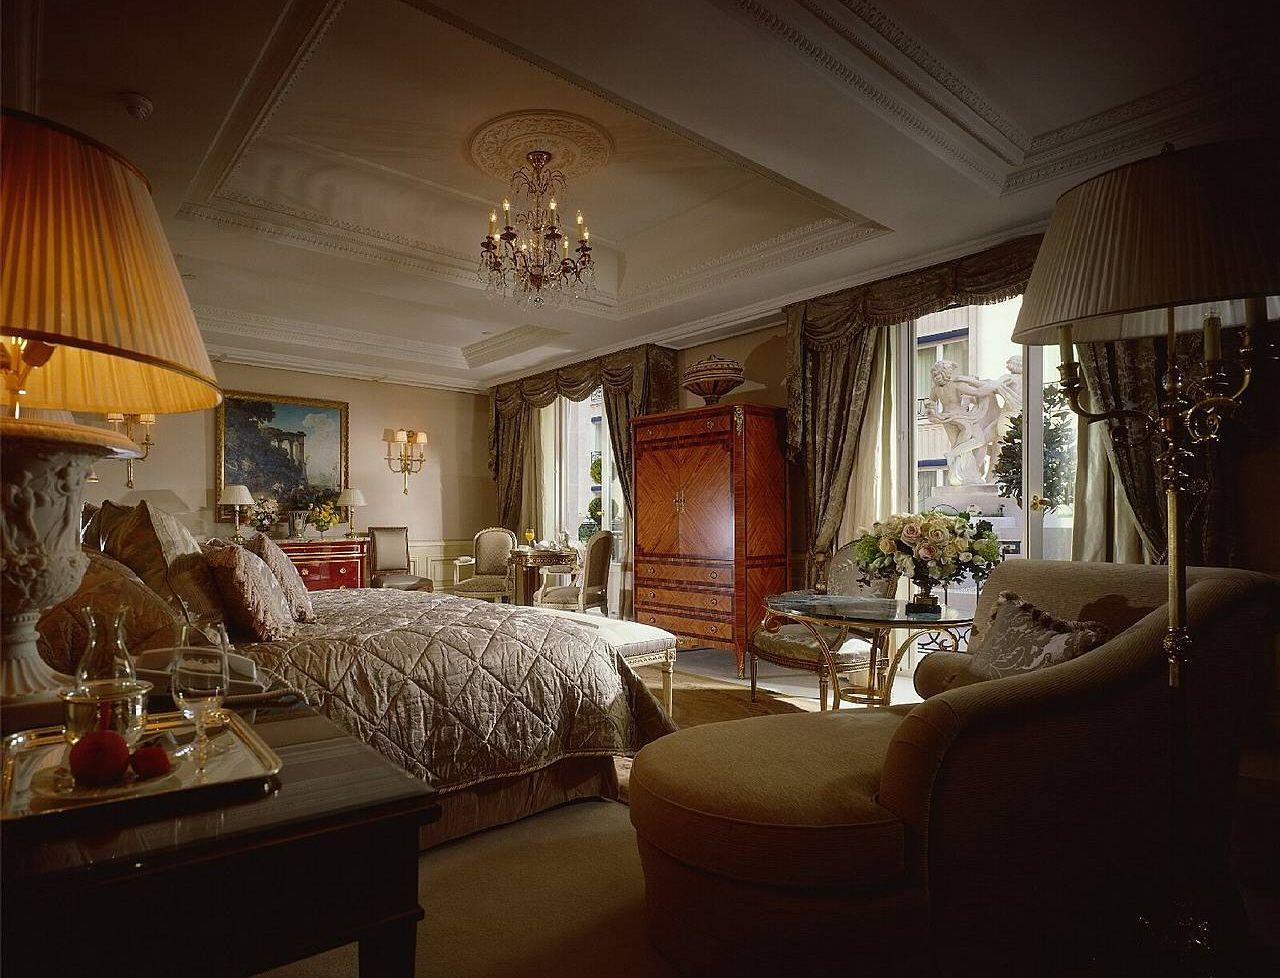 Expensive Bedrooms Inspiration Sweet Sleep In This Luxury Bedroom  Luxury  Luxury Places Inspiration Design